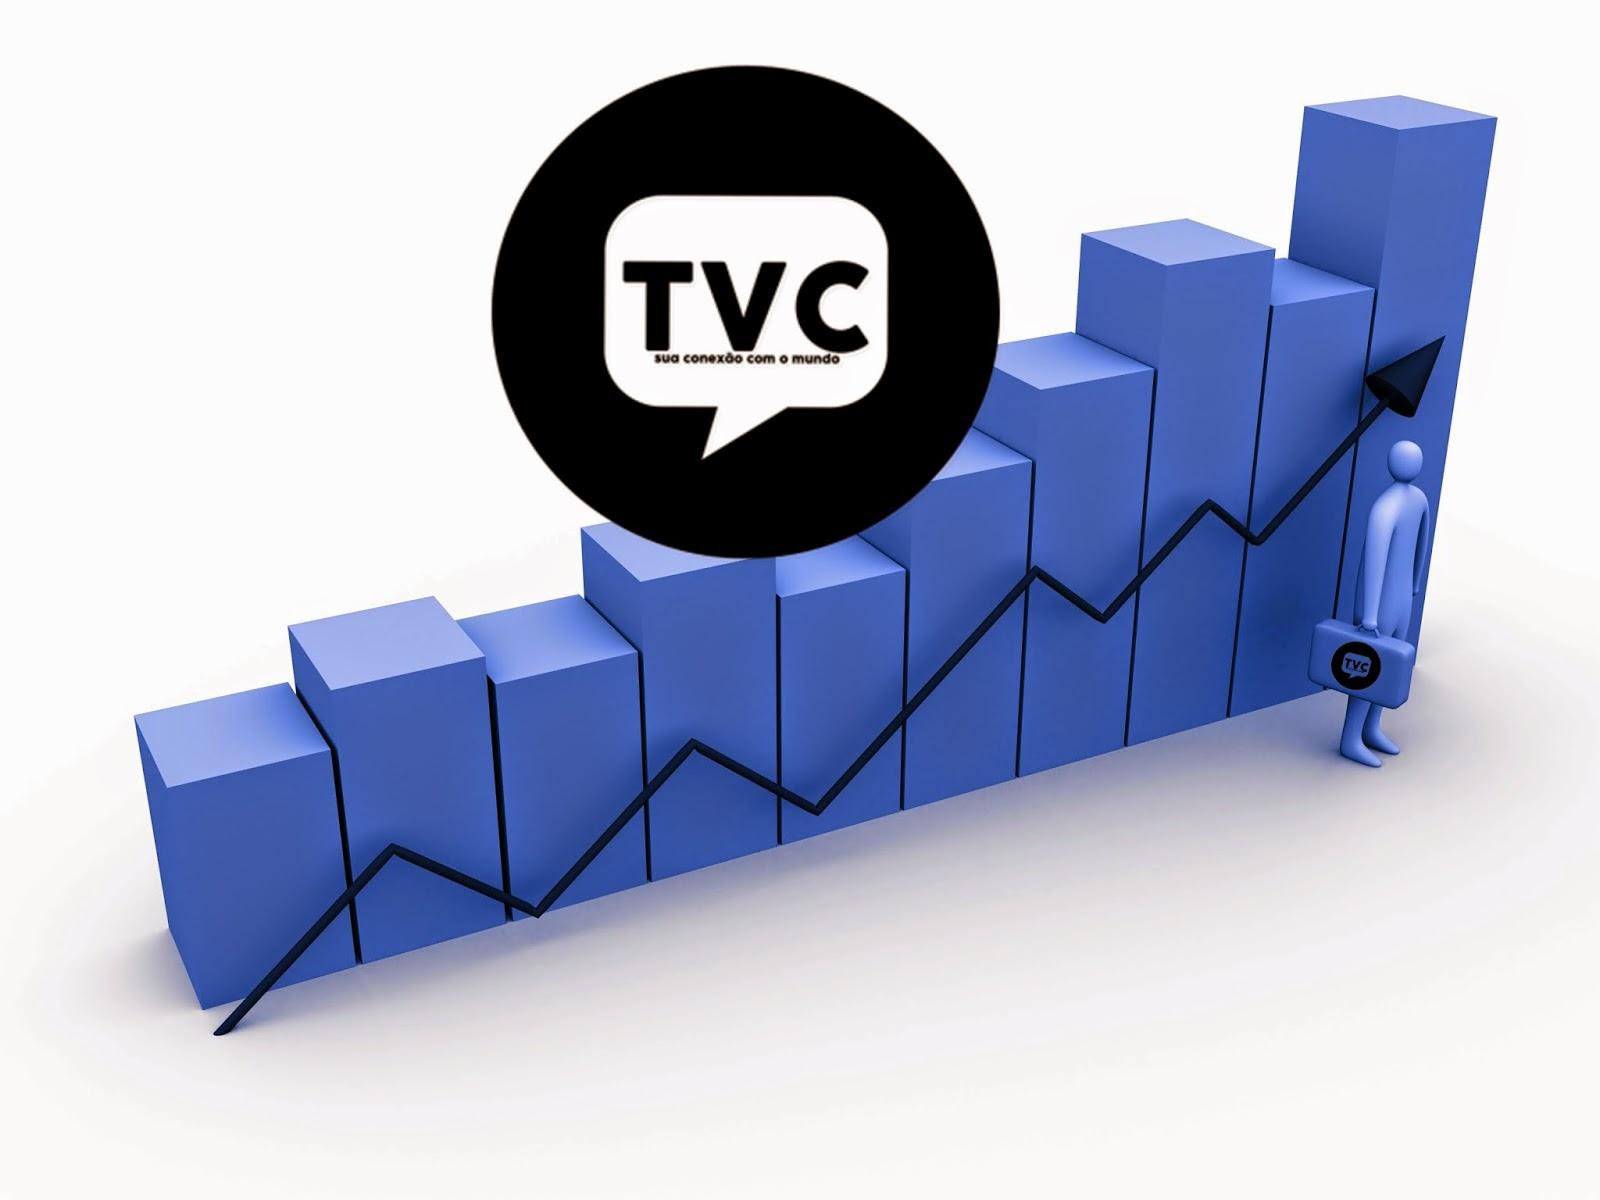 Quando foi a maior audiência da televisão brasileira?